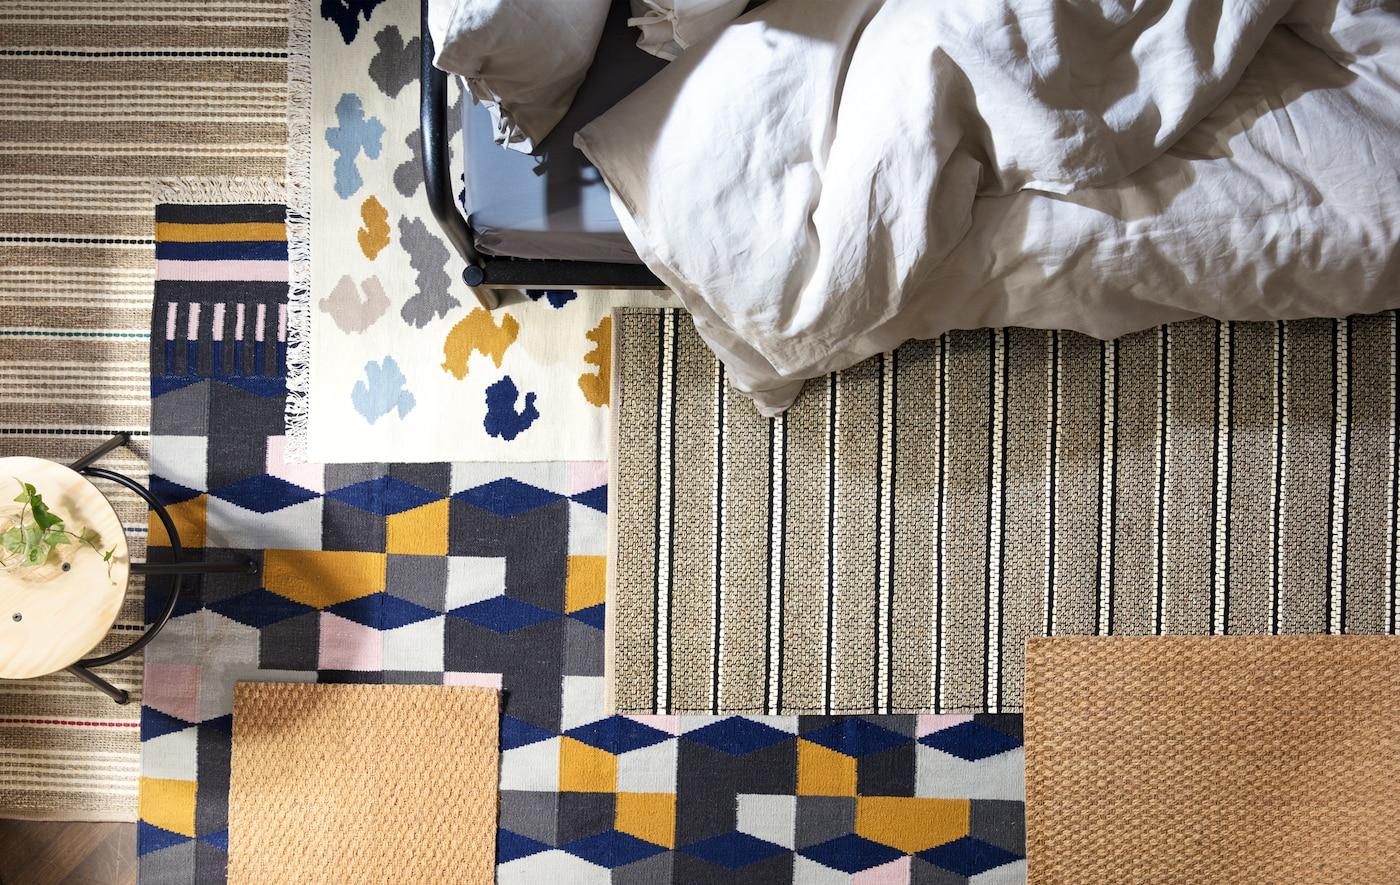 I tappeti scelti all'interno dell'assortimento IKEA, come TÅRBÄK in lana multicolore, attutiscono i rumori e fanno della camera da letto un ambiente accogliente.